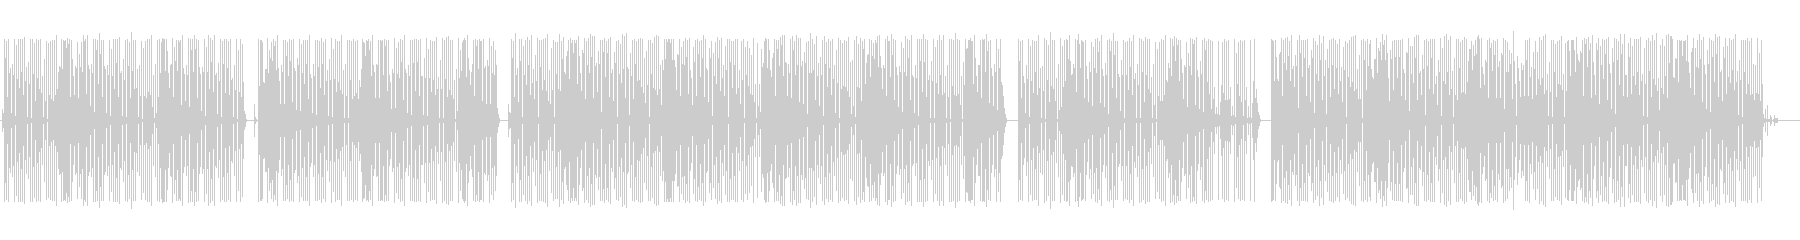 雑談-配信BGM-可愛い8bit-ゲームの未再生の波形